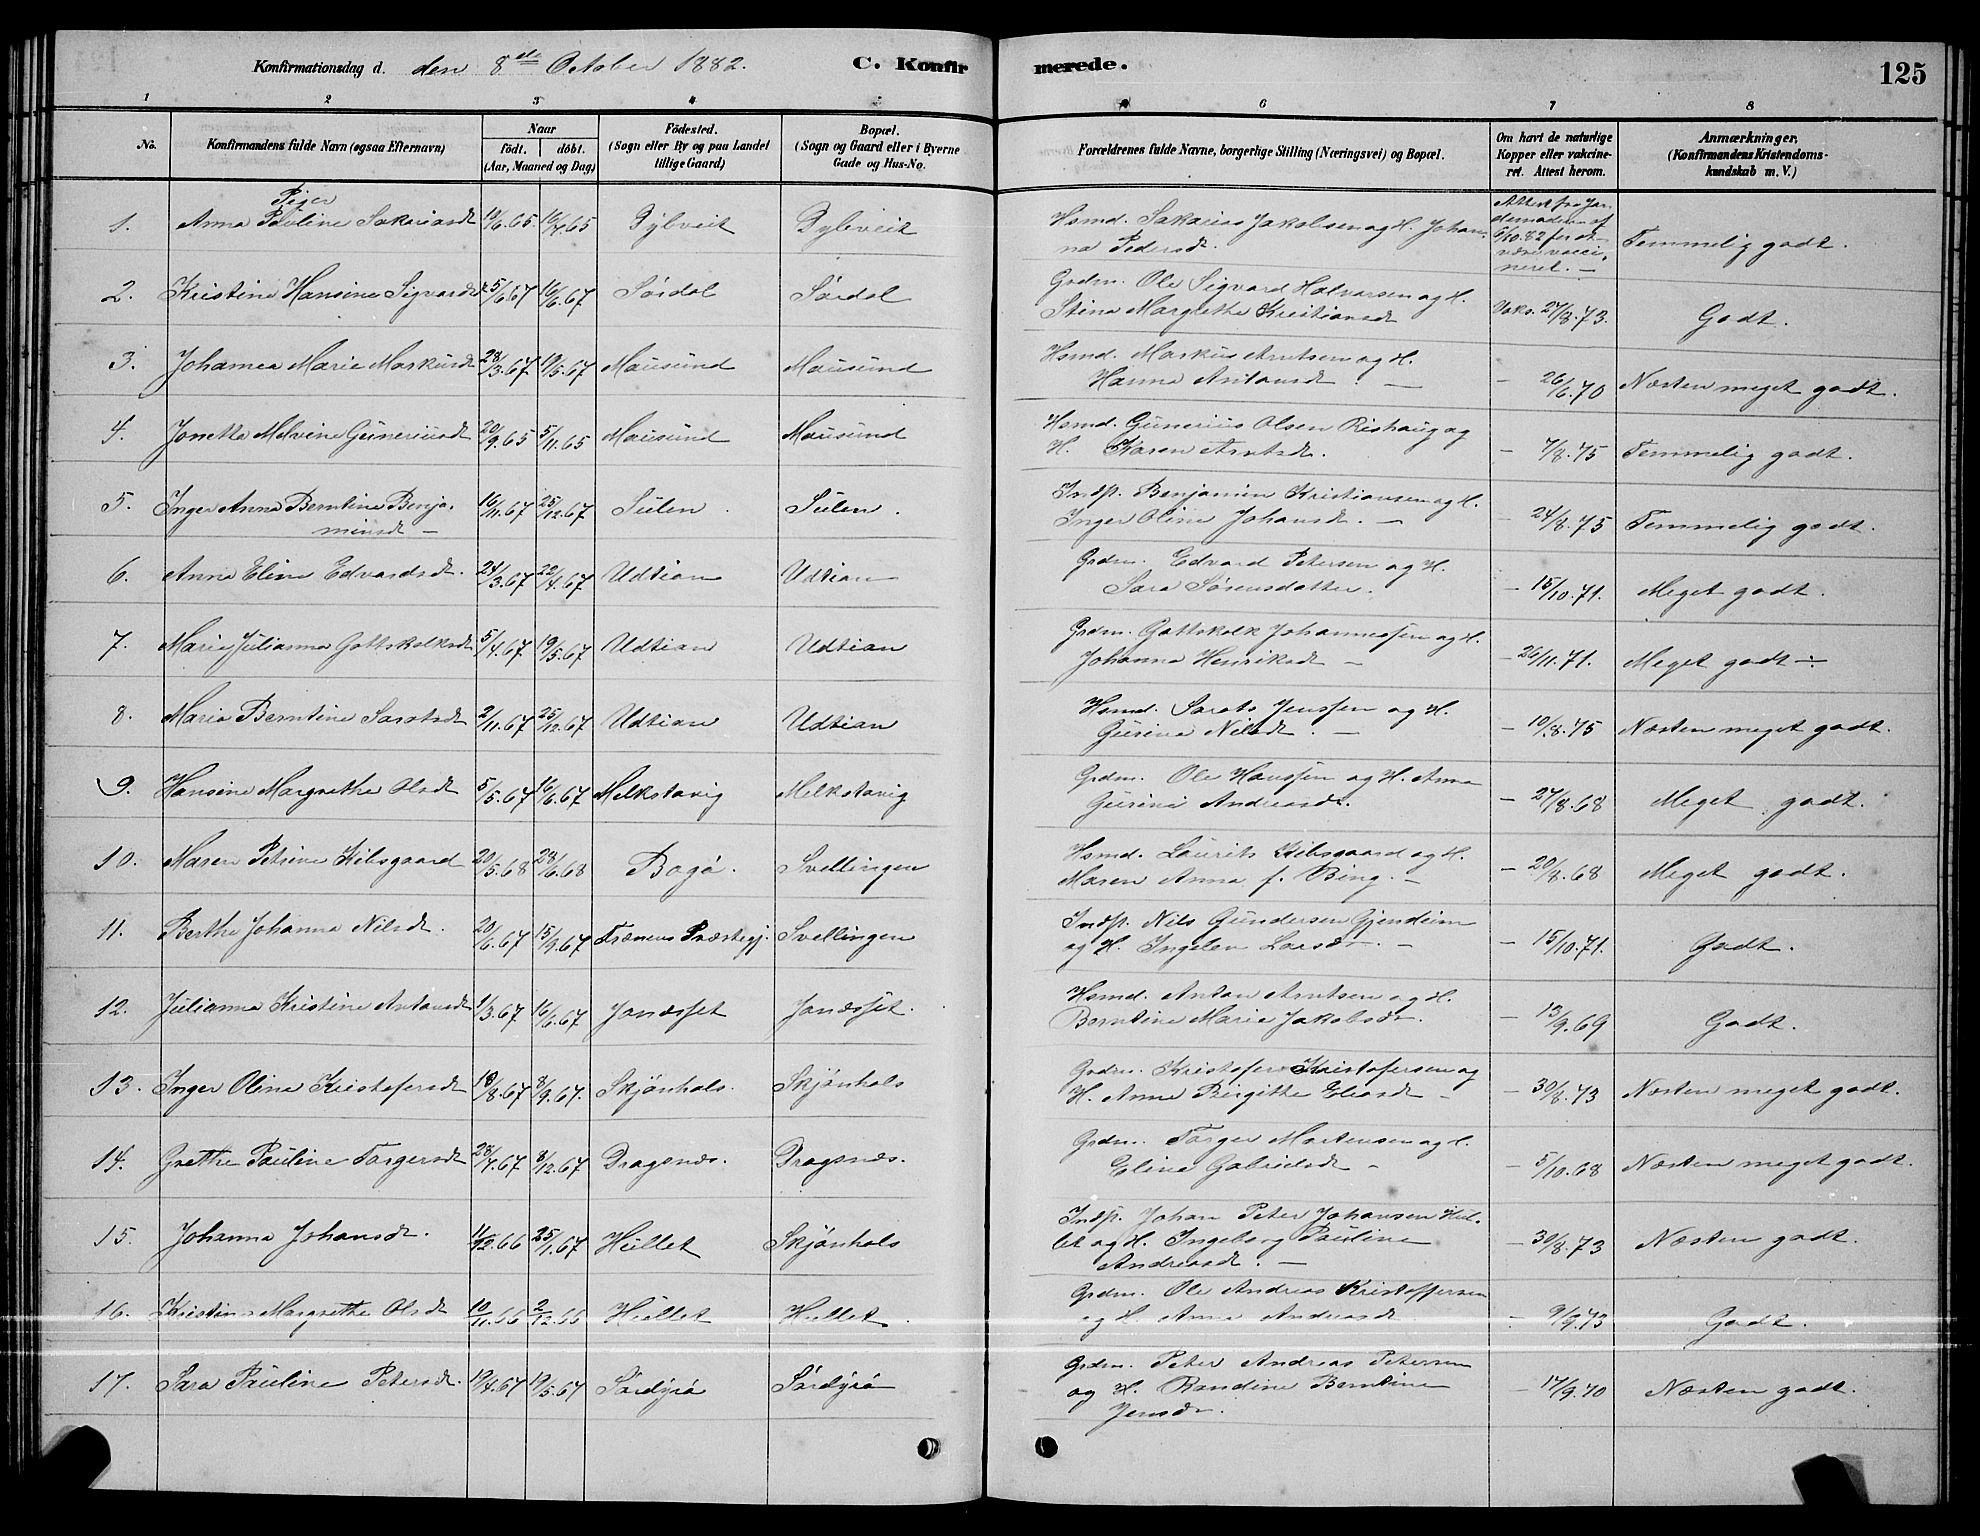 SAT, Ministerialprotokoller, klokkerbøker og fødselsregistre - Sør-Trøndelag, 640/L0585: Klokkerbok nr. 640C03, 1878-1891, s. 125